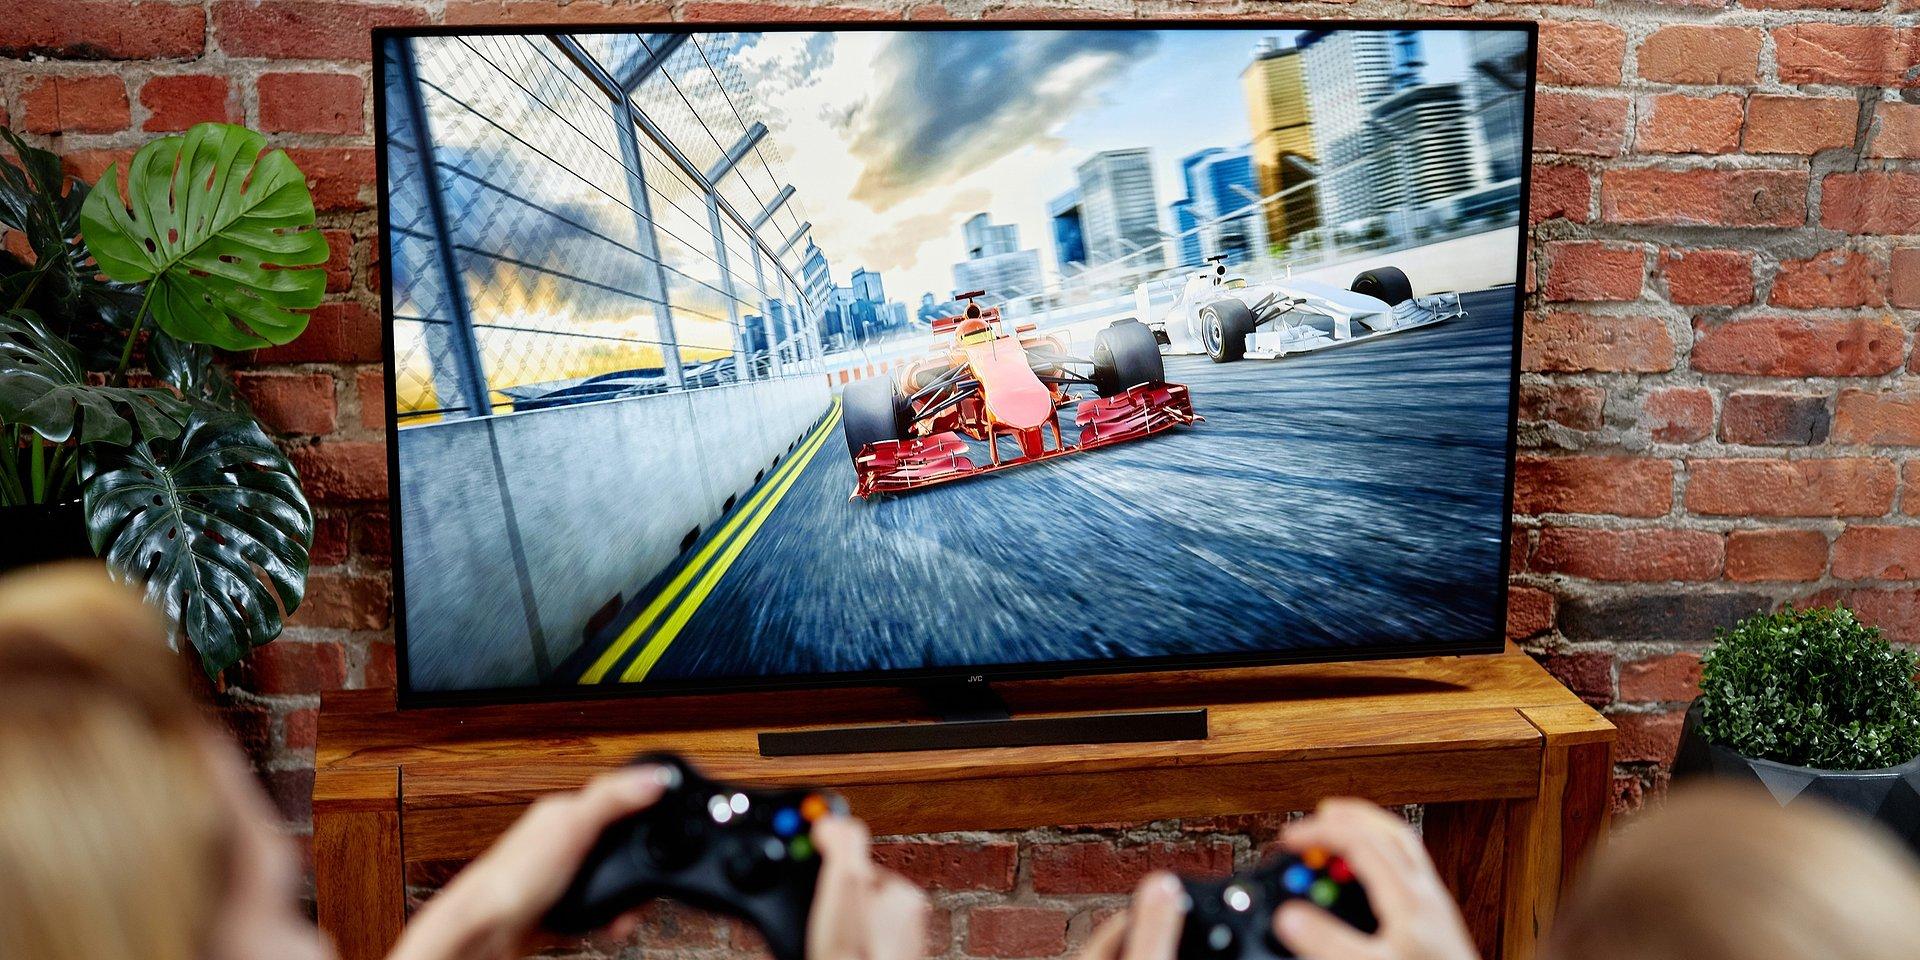 Zacznij rok z nowym telewizorem! Noworoczne wyprzedaże modeli Toshiba i JVC